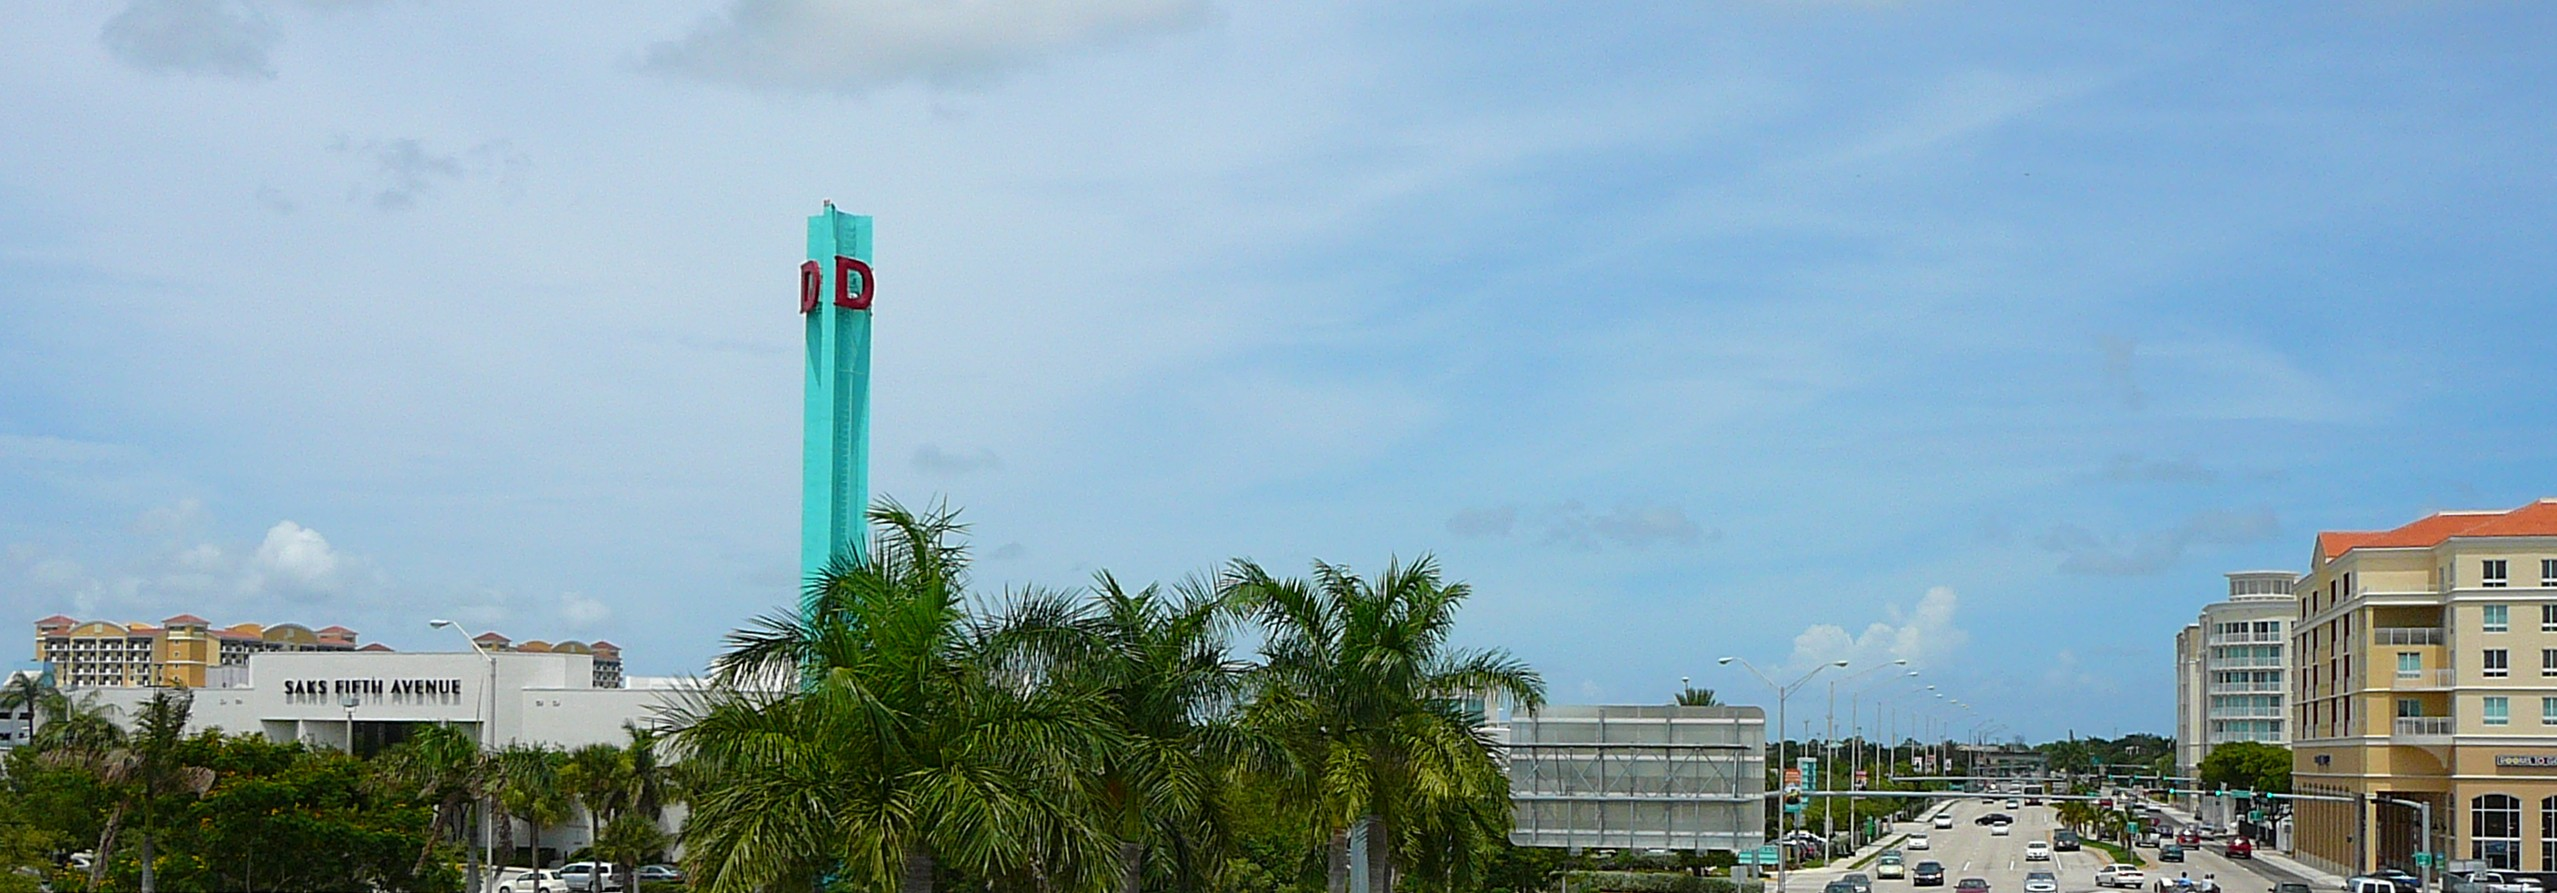 Dadeland Mall Wikipedia